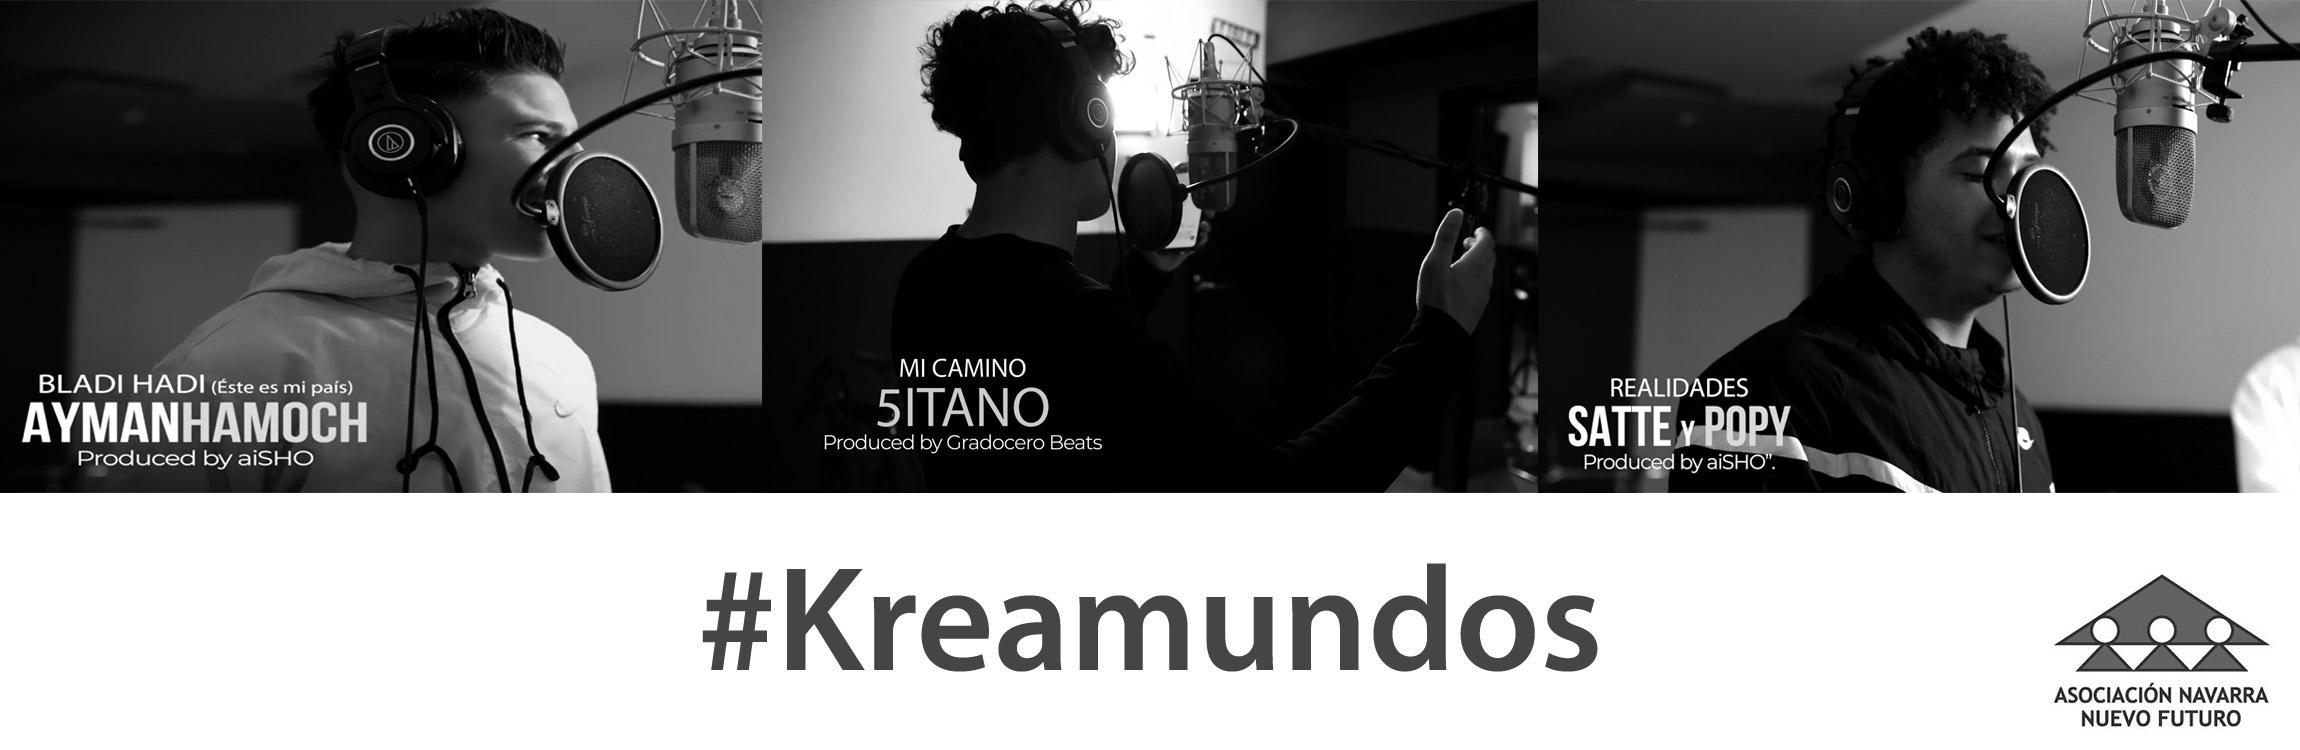 Imagen de la noticia #Kreamundos